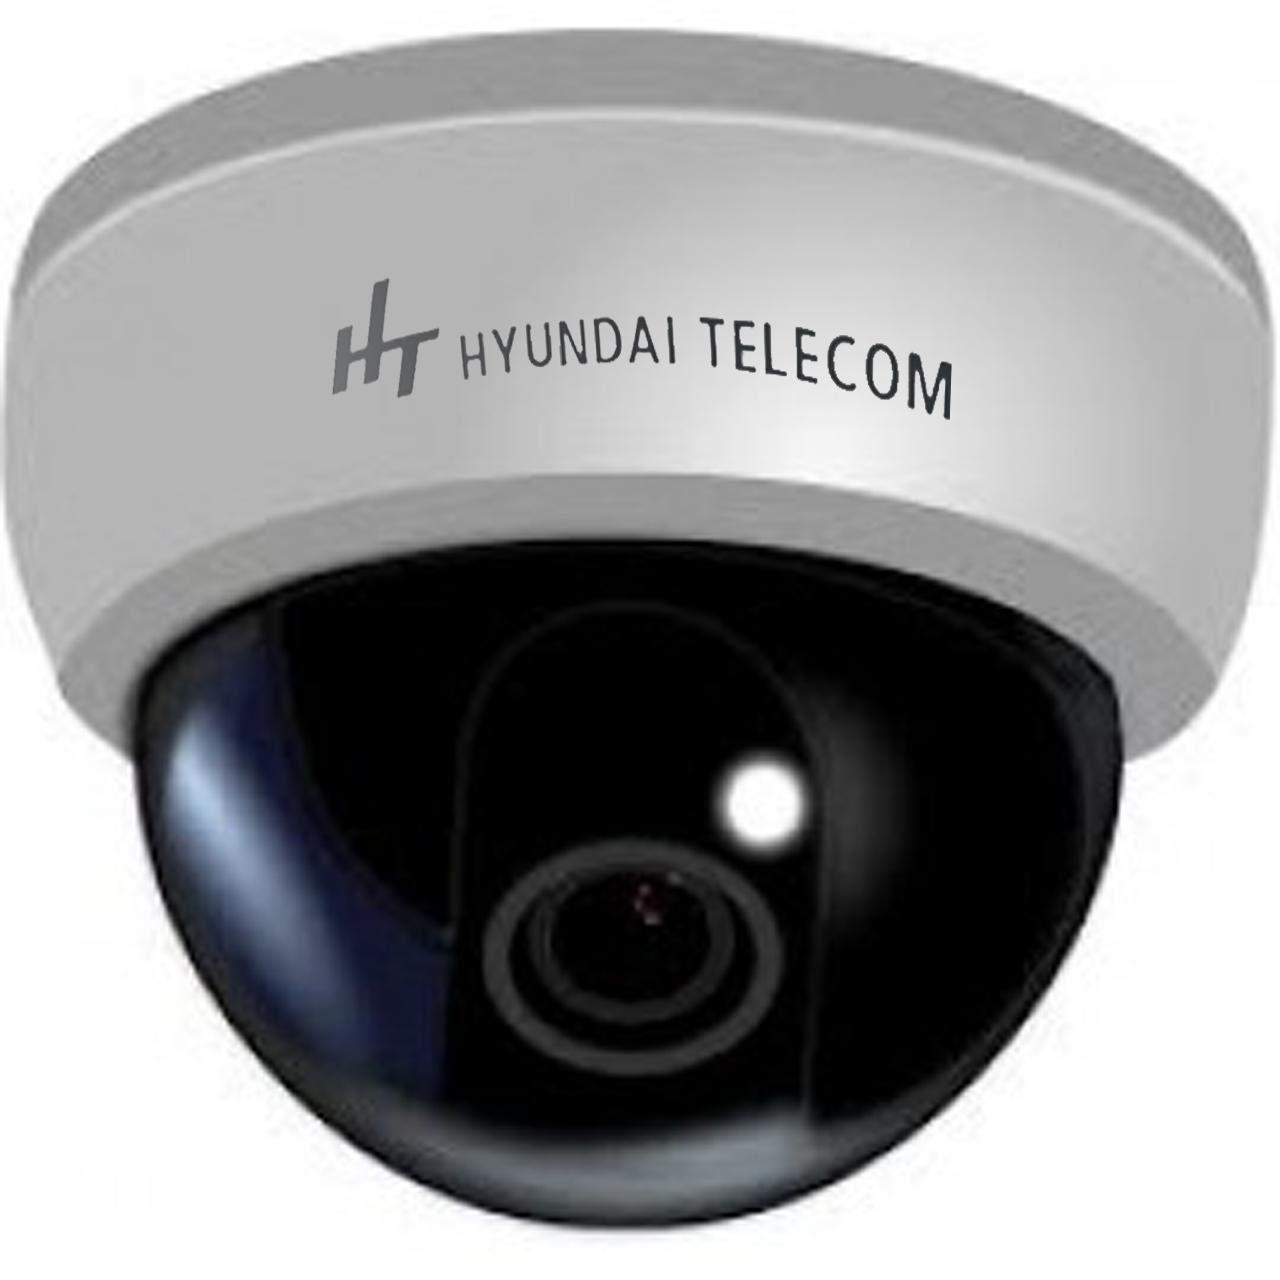 دوربین مداربسته هیوندای تلکام مدل  AHD HS44-DSF036-ND00 indoor dome